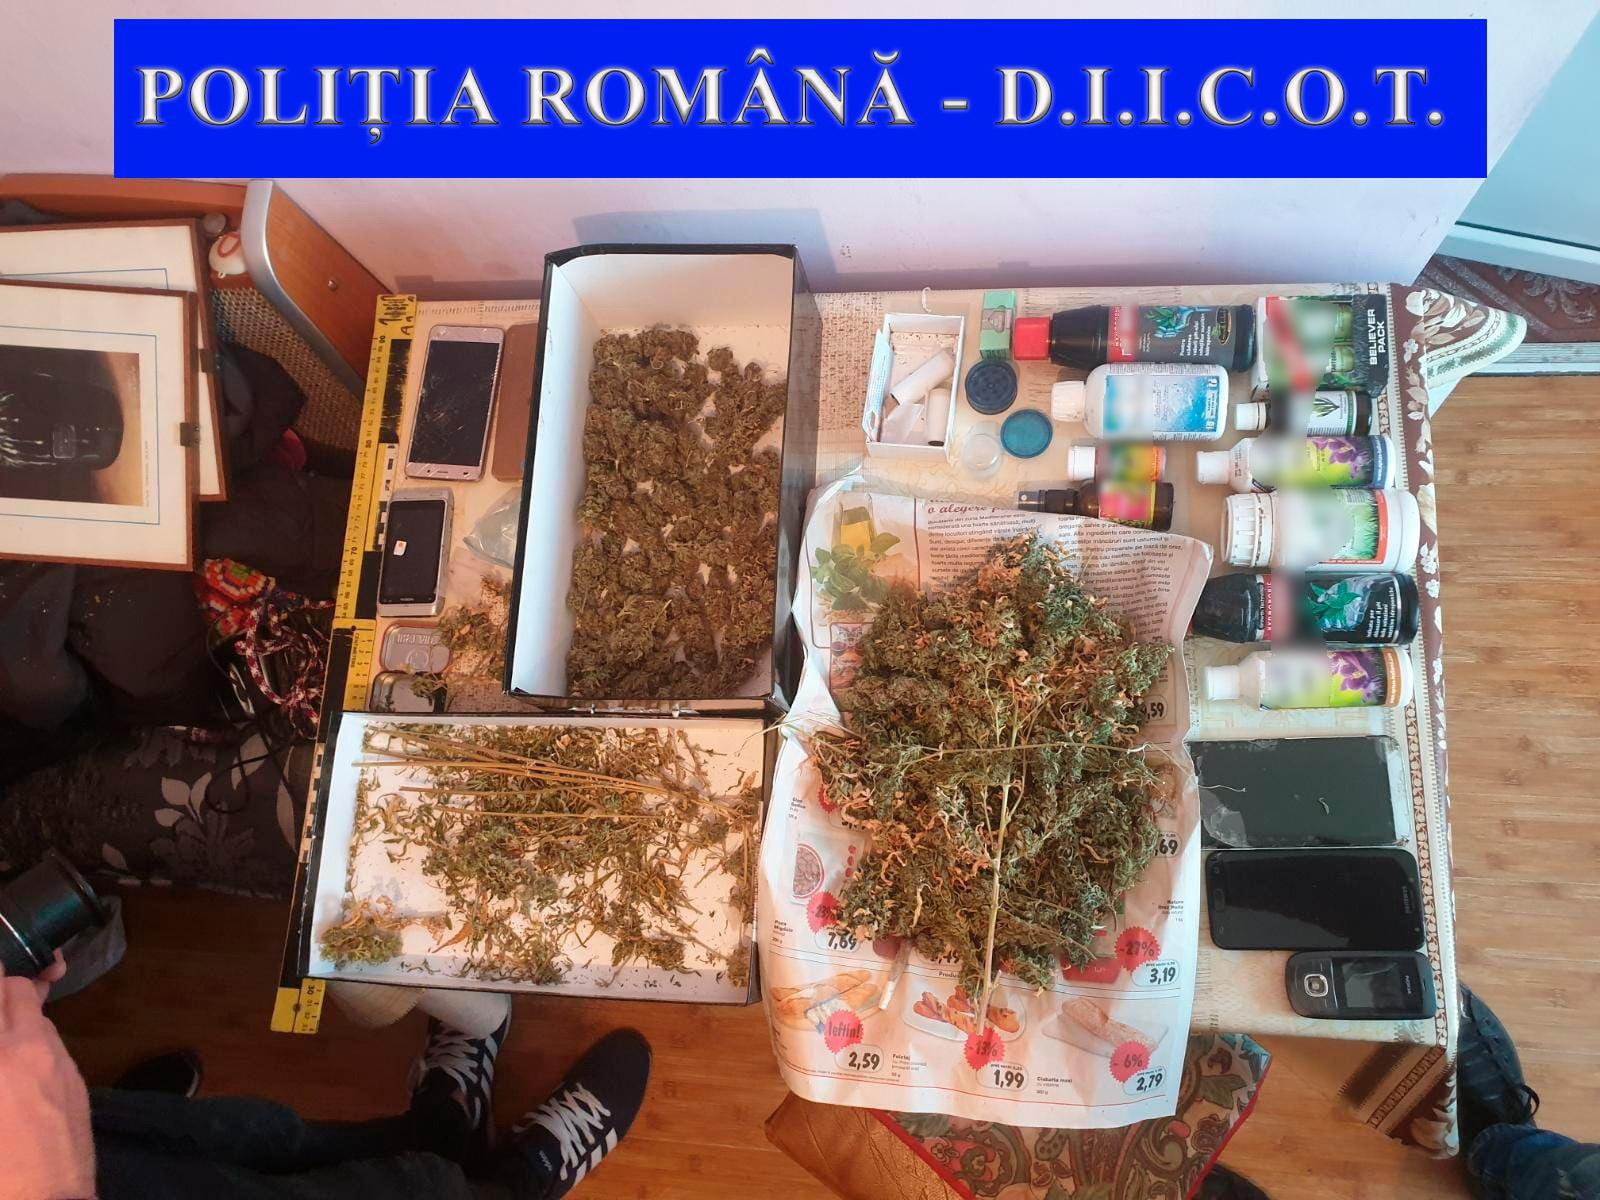 FOTO&VIDEO/ Imagini de la perchezițiile la rețeaua de traficanți de droguri în care e implicat și fiul cel mare al lui Andrei Pleșu